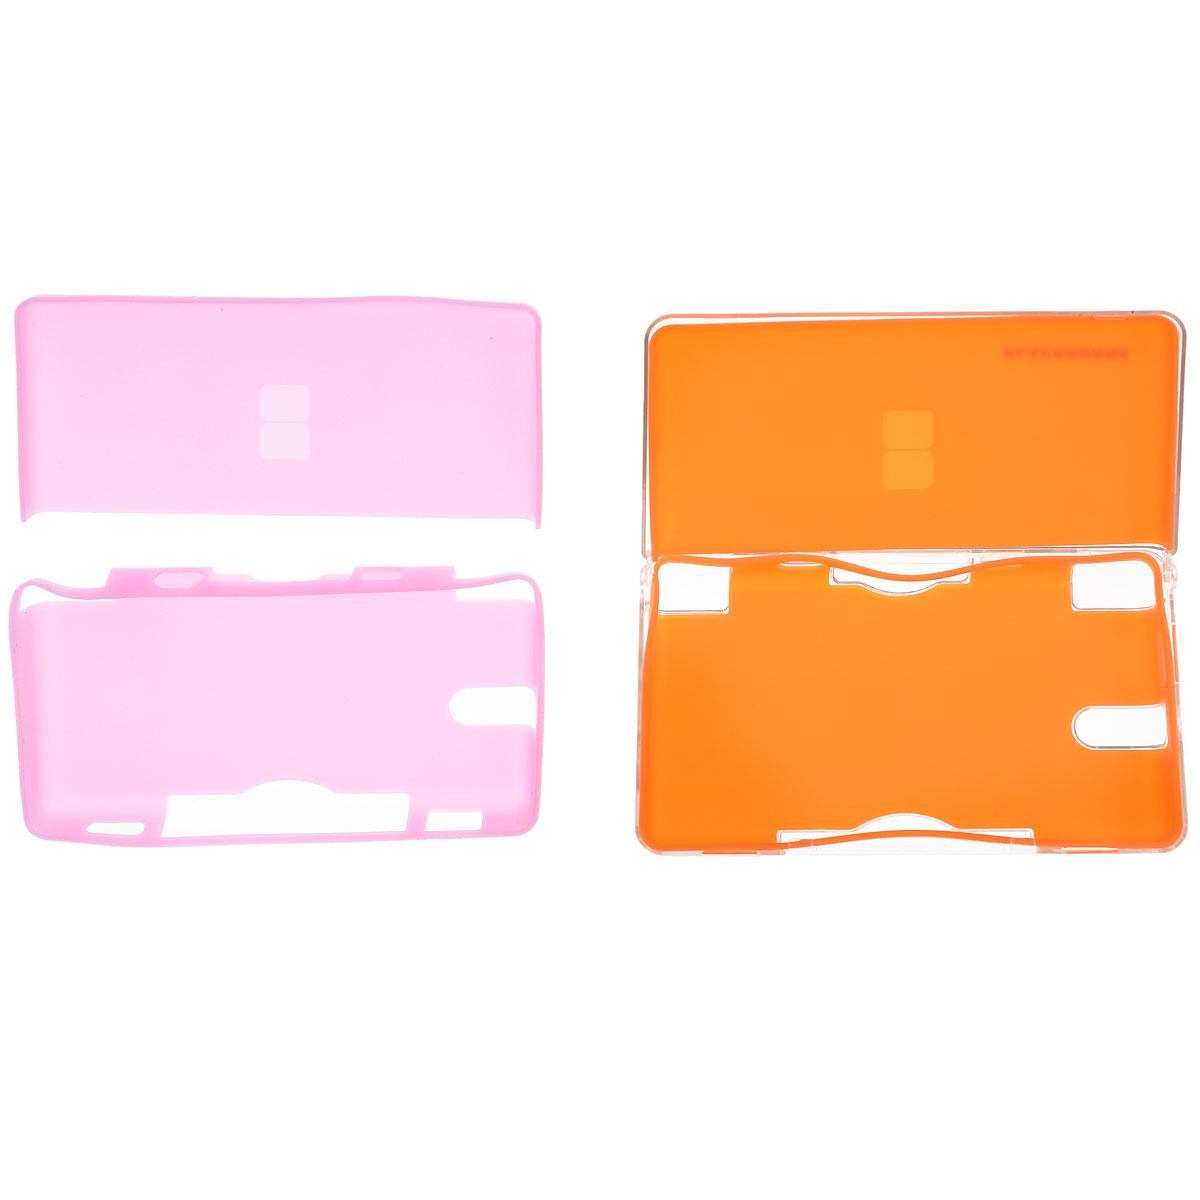 Пластиковый корпус Black Horns с двумя комплектами силиконовых вклдышей для DS Lite (розовый, оранжевый)BH-DSL09814Защитный пластиковый корпус Black Horns защитит вашу консоль Nintendo DS Lite от царапин и сколов. Также он обеспечивает прекрасный угол обзора и сохраняет свободный доступ к кнопкам управления. Входящие в комплект силиконовые вкладыши позволяют менять цвет корпуса.